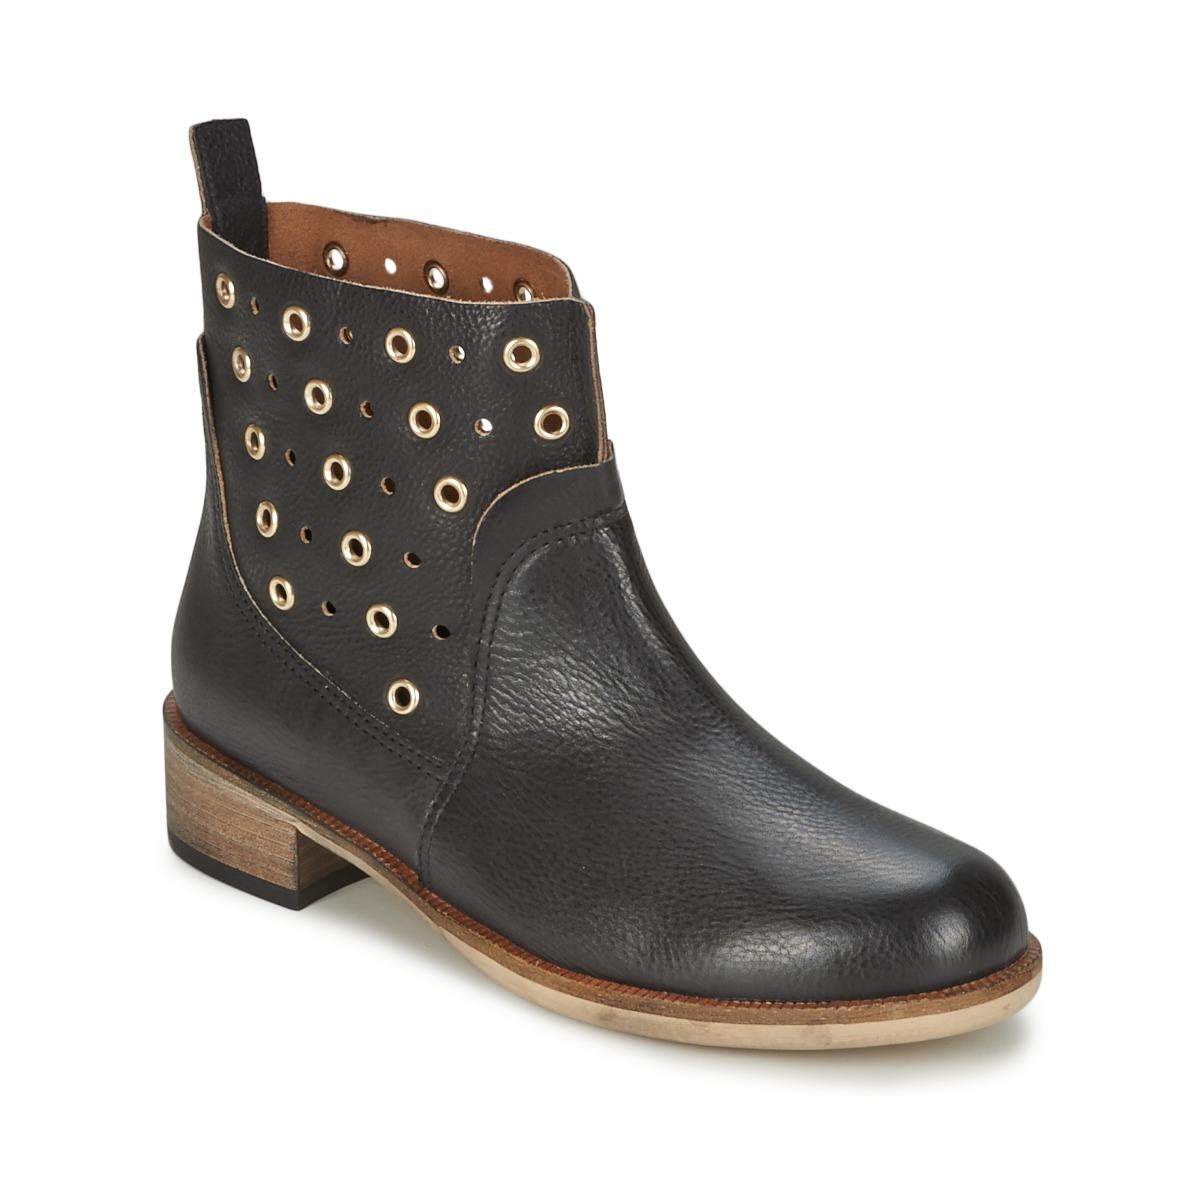 BOSS Casual 50266292 Noir - Livraison Gratuite avec  - Chaussures Boot Femme